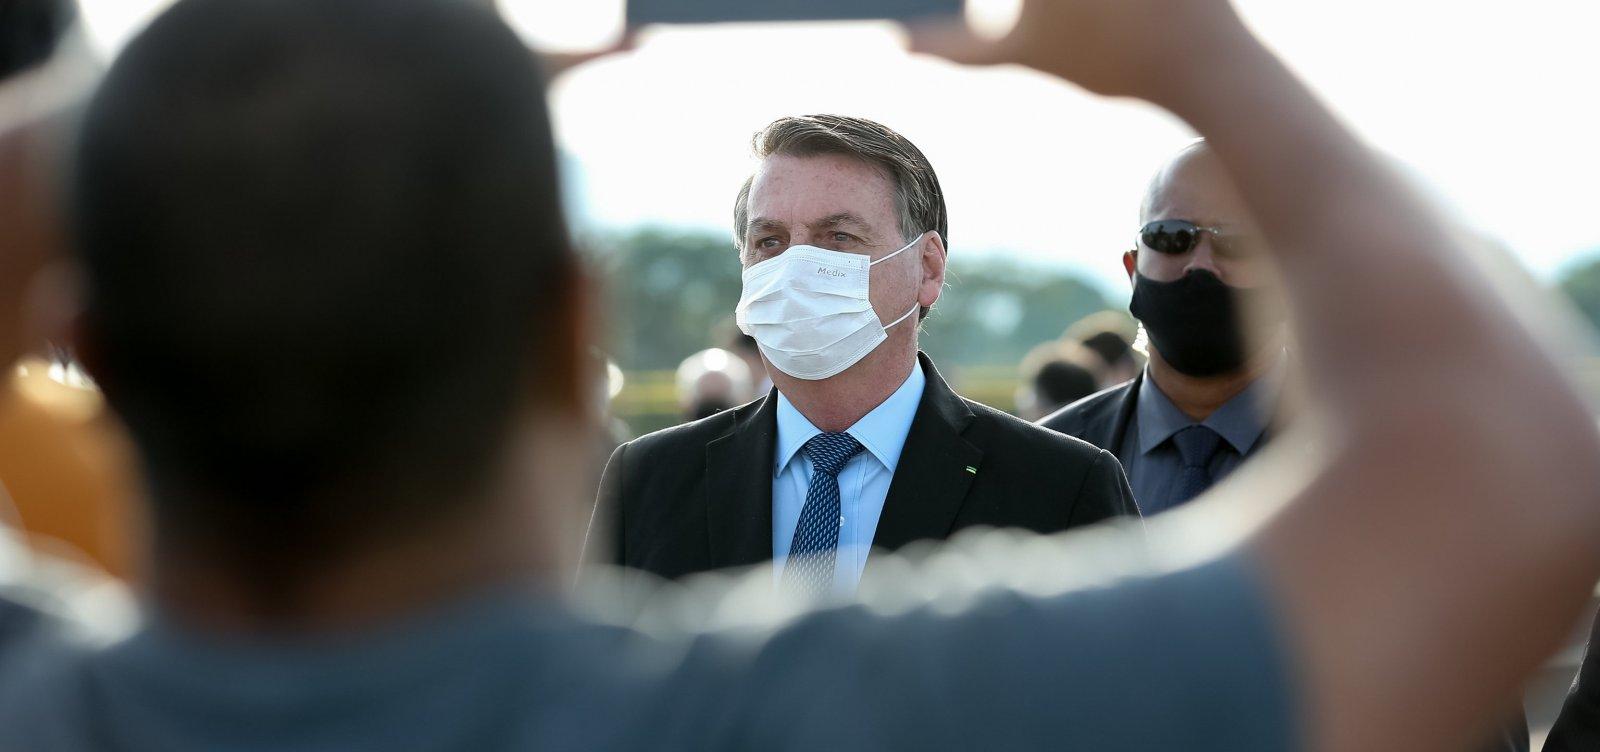 [Após crítica, Bolsonaro rebate apoiadora que o cobrou pelas 38 mil mortes: 'Sai daqui']